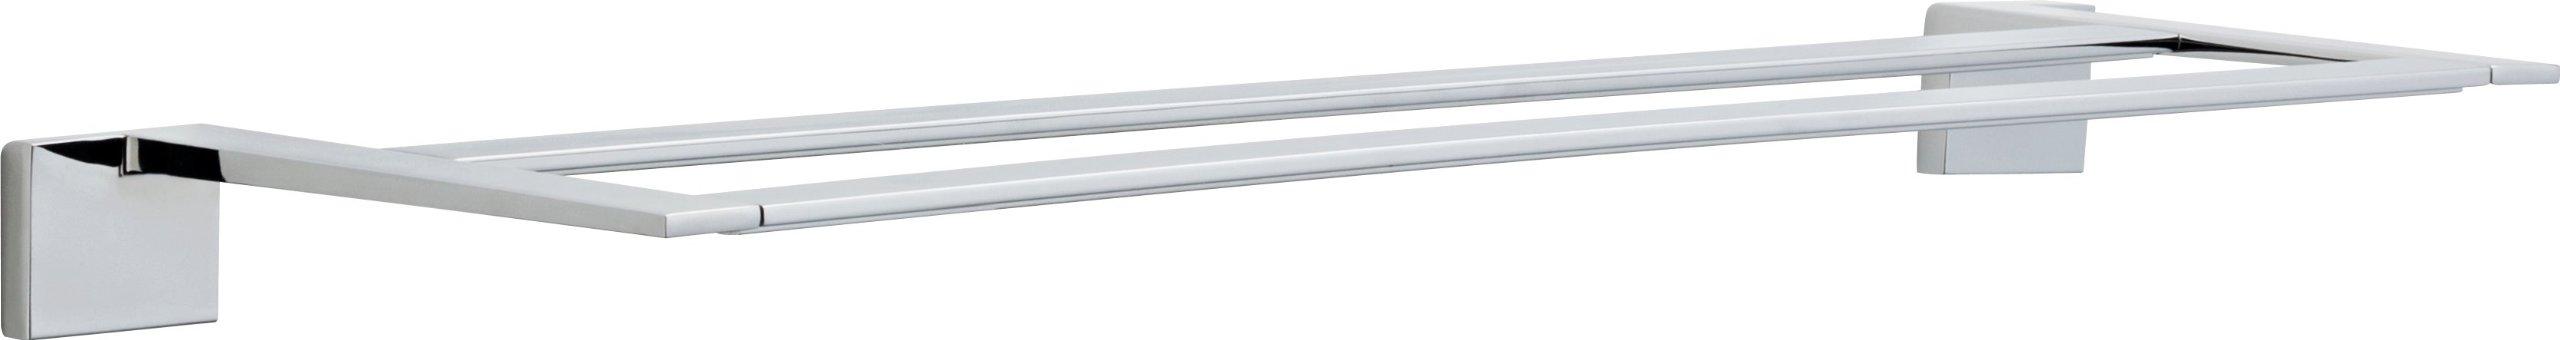 Delta Faucet 77725 Vero 24'' Double Towel Bar, Polished Chrome by DELTA FAUCET